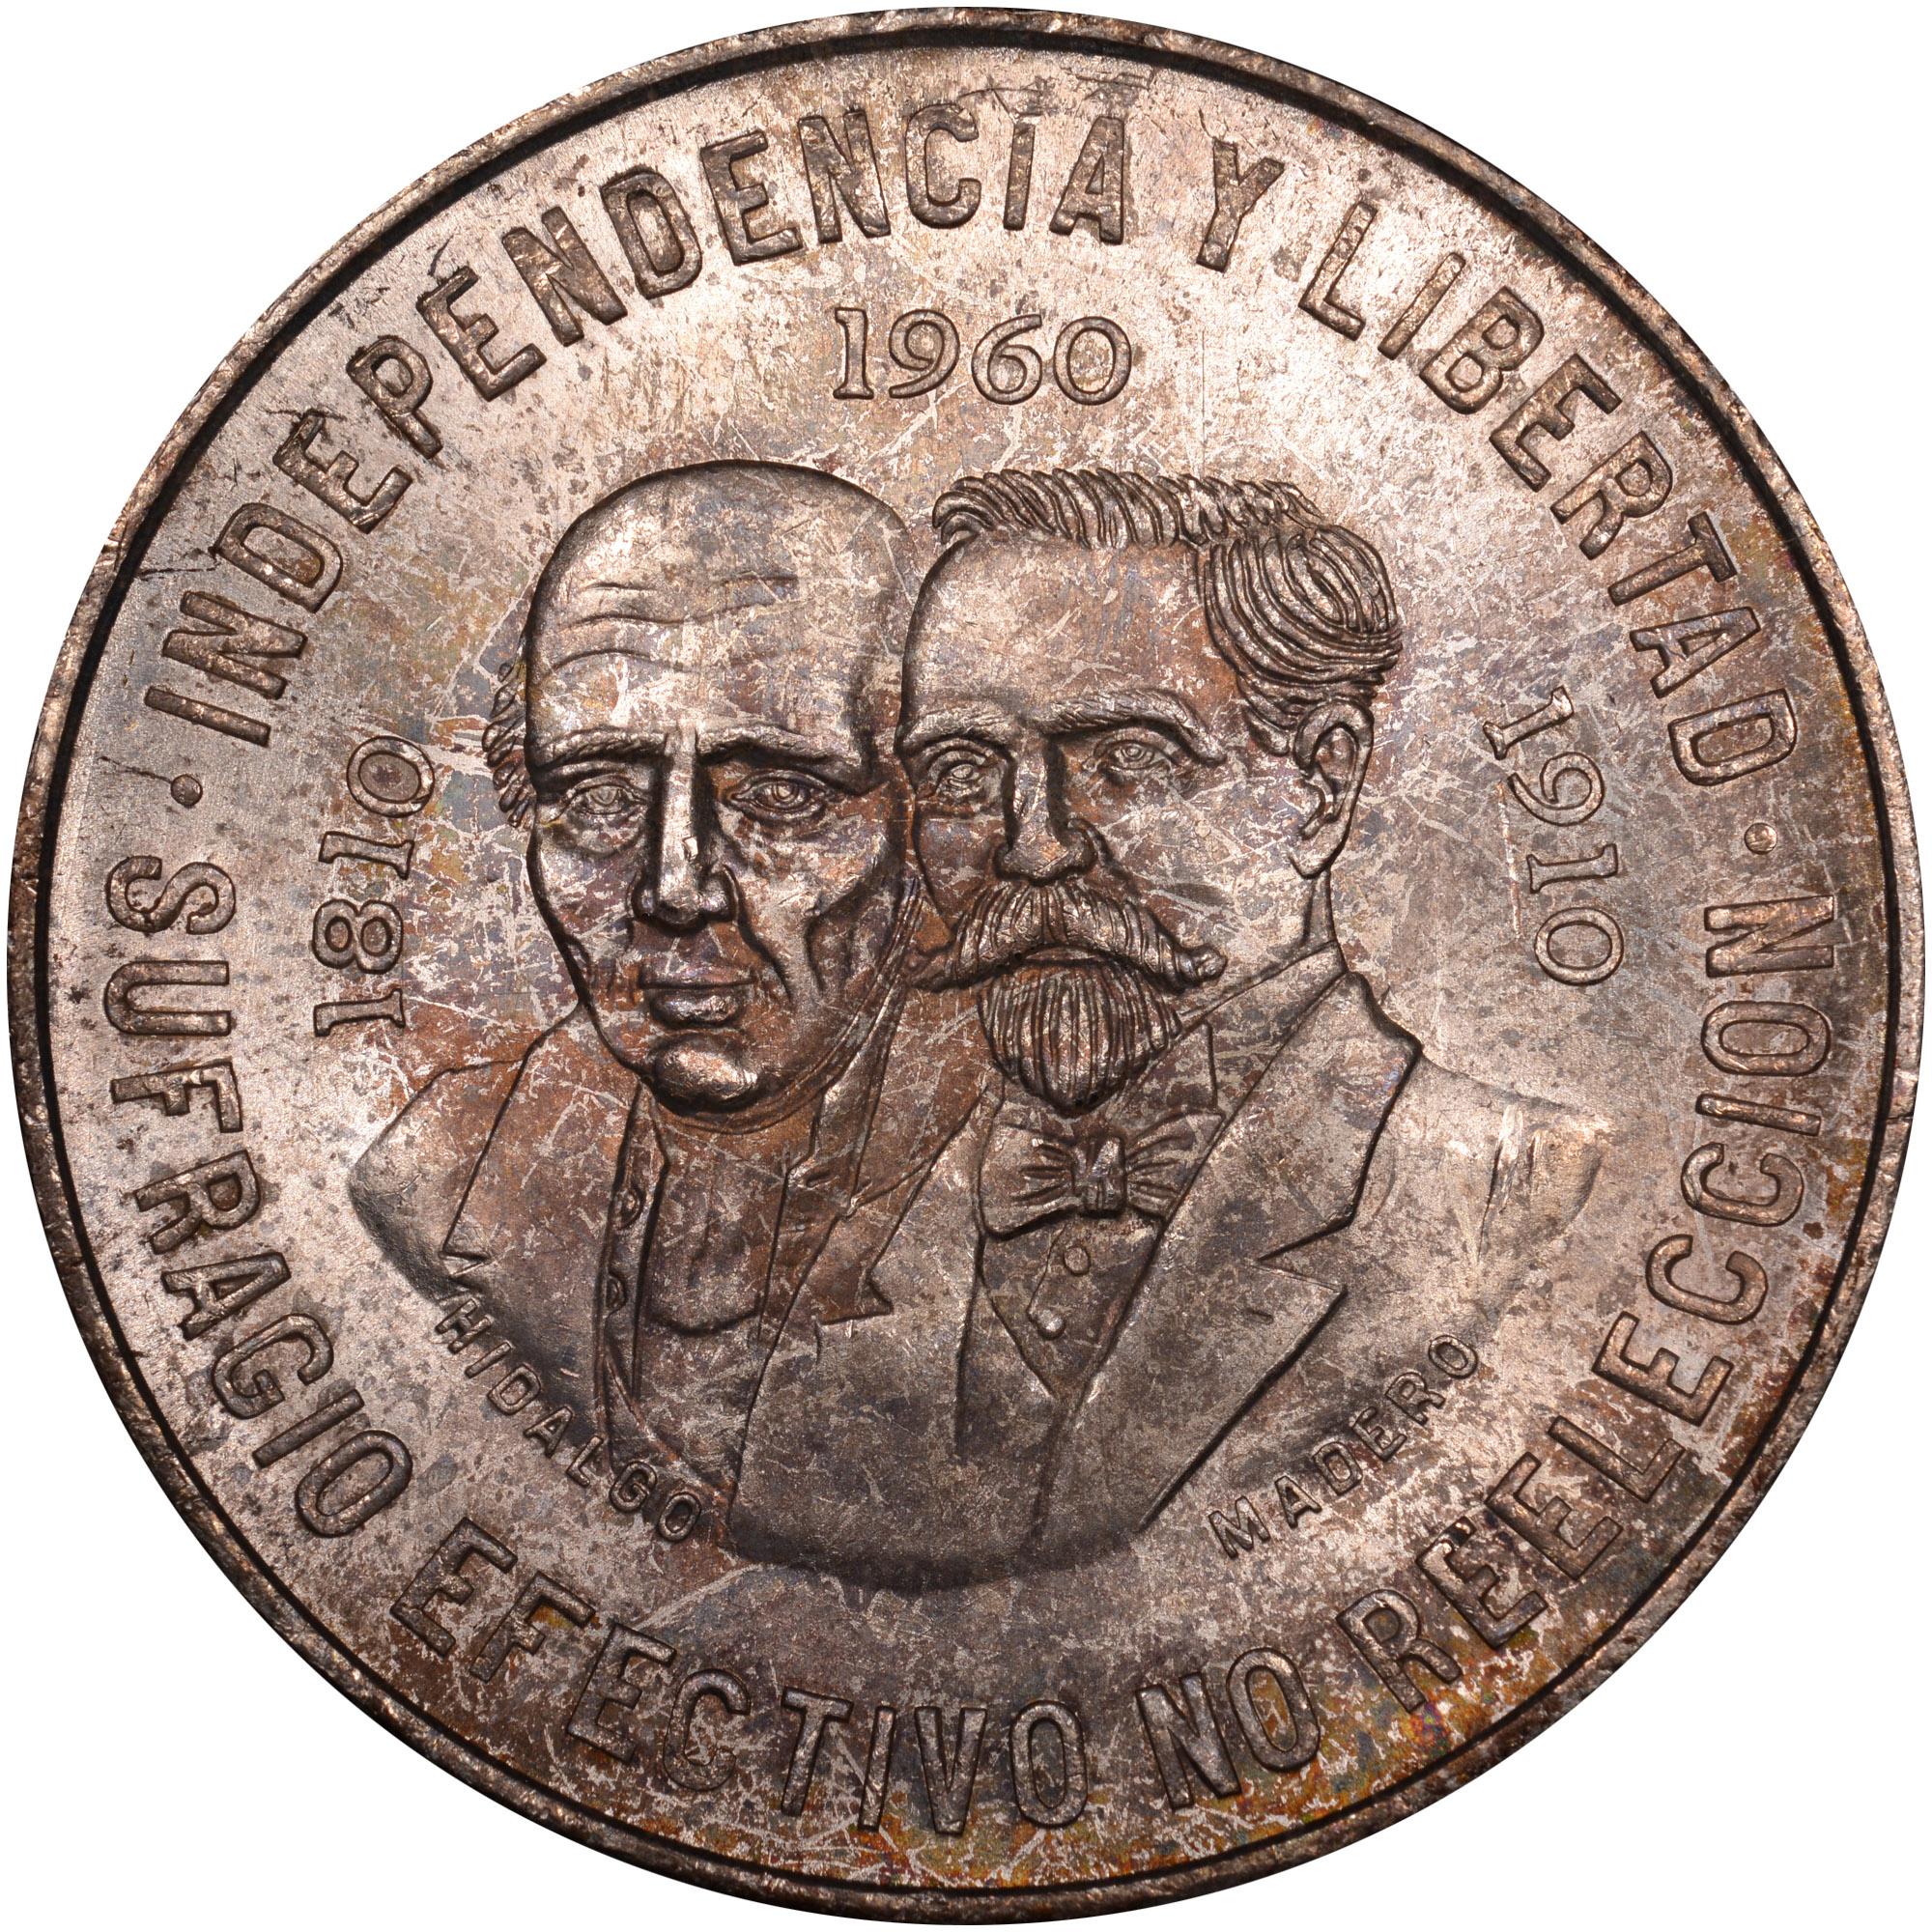 1960 Mexico 10 Pesos reverse